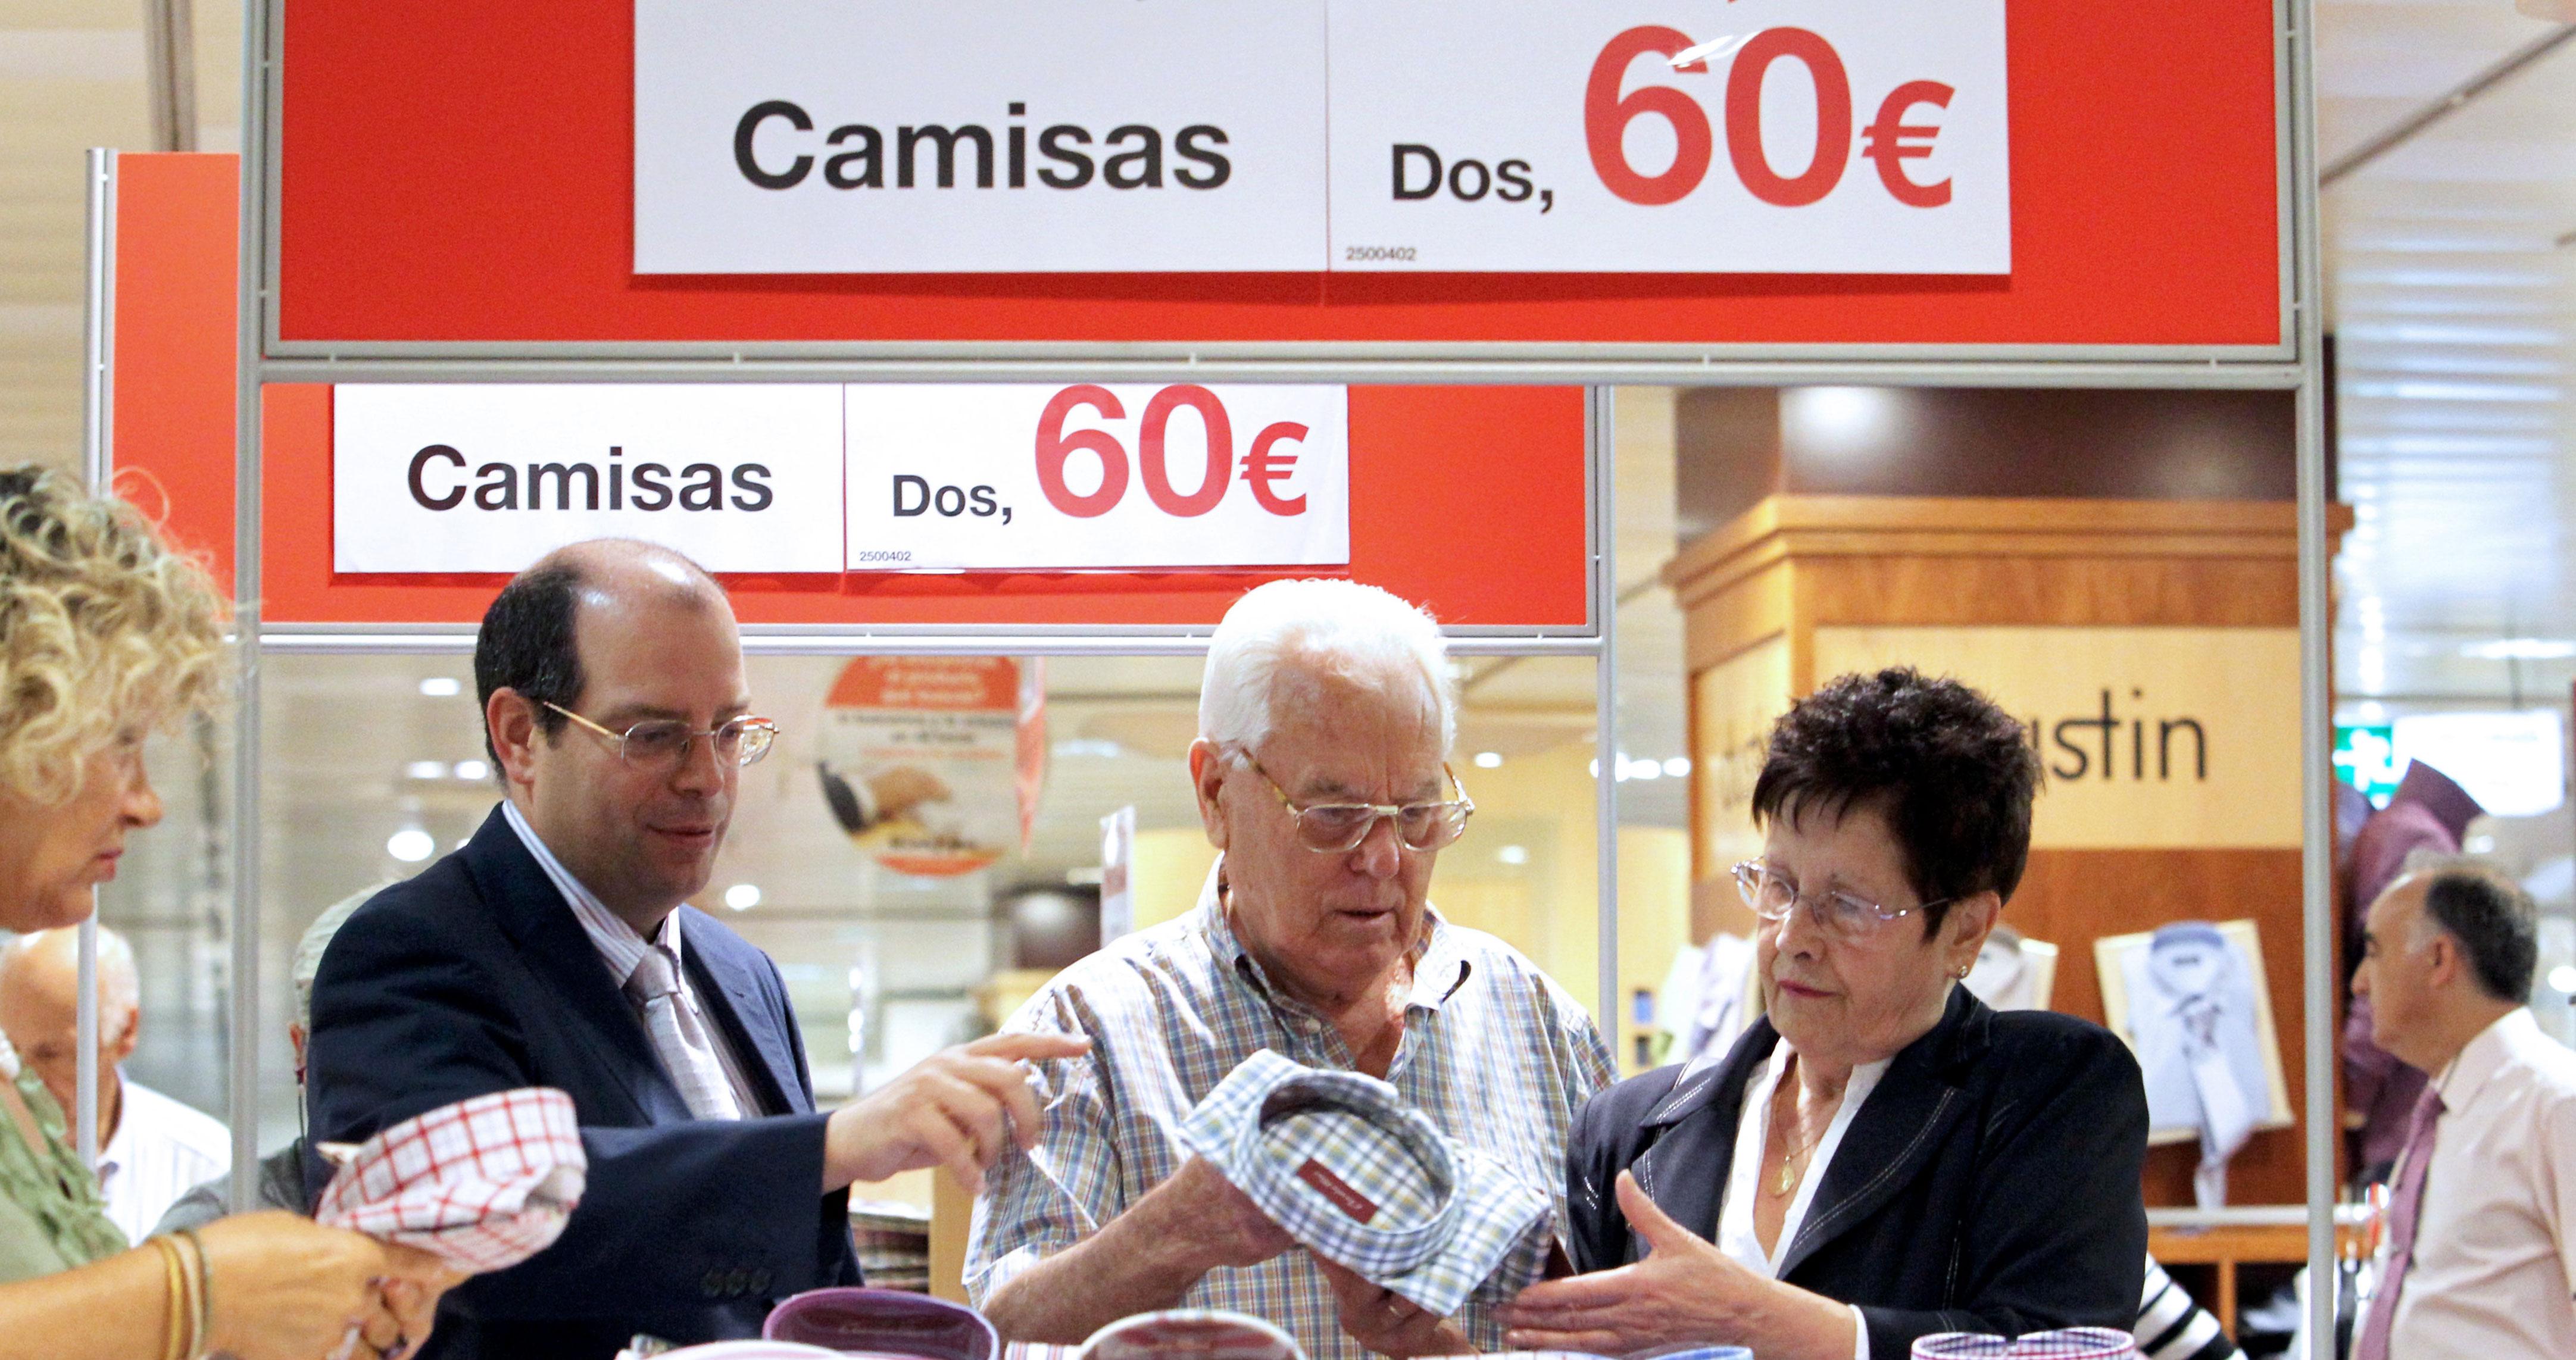 Un empleado de un centro comercial de Bilbao atiende a un matrimonio en la sección de camisería en el primer día de rebajas.